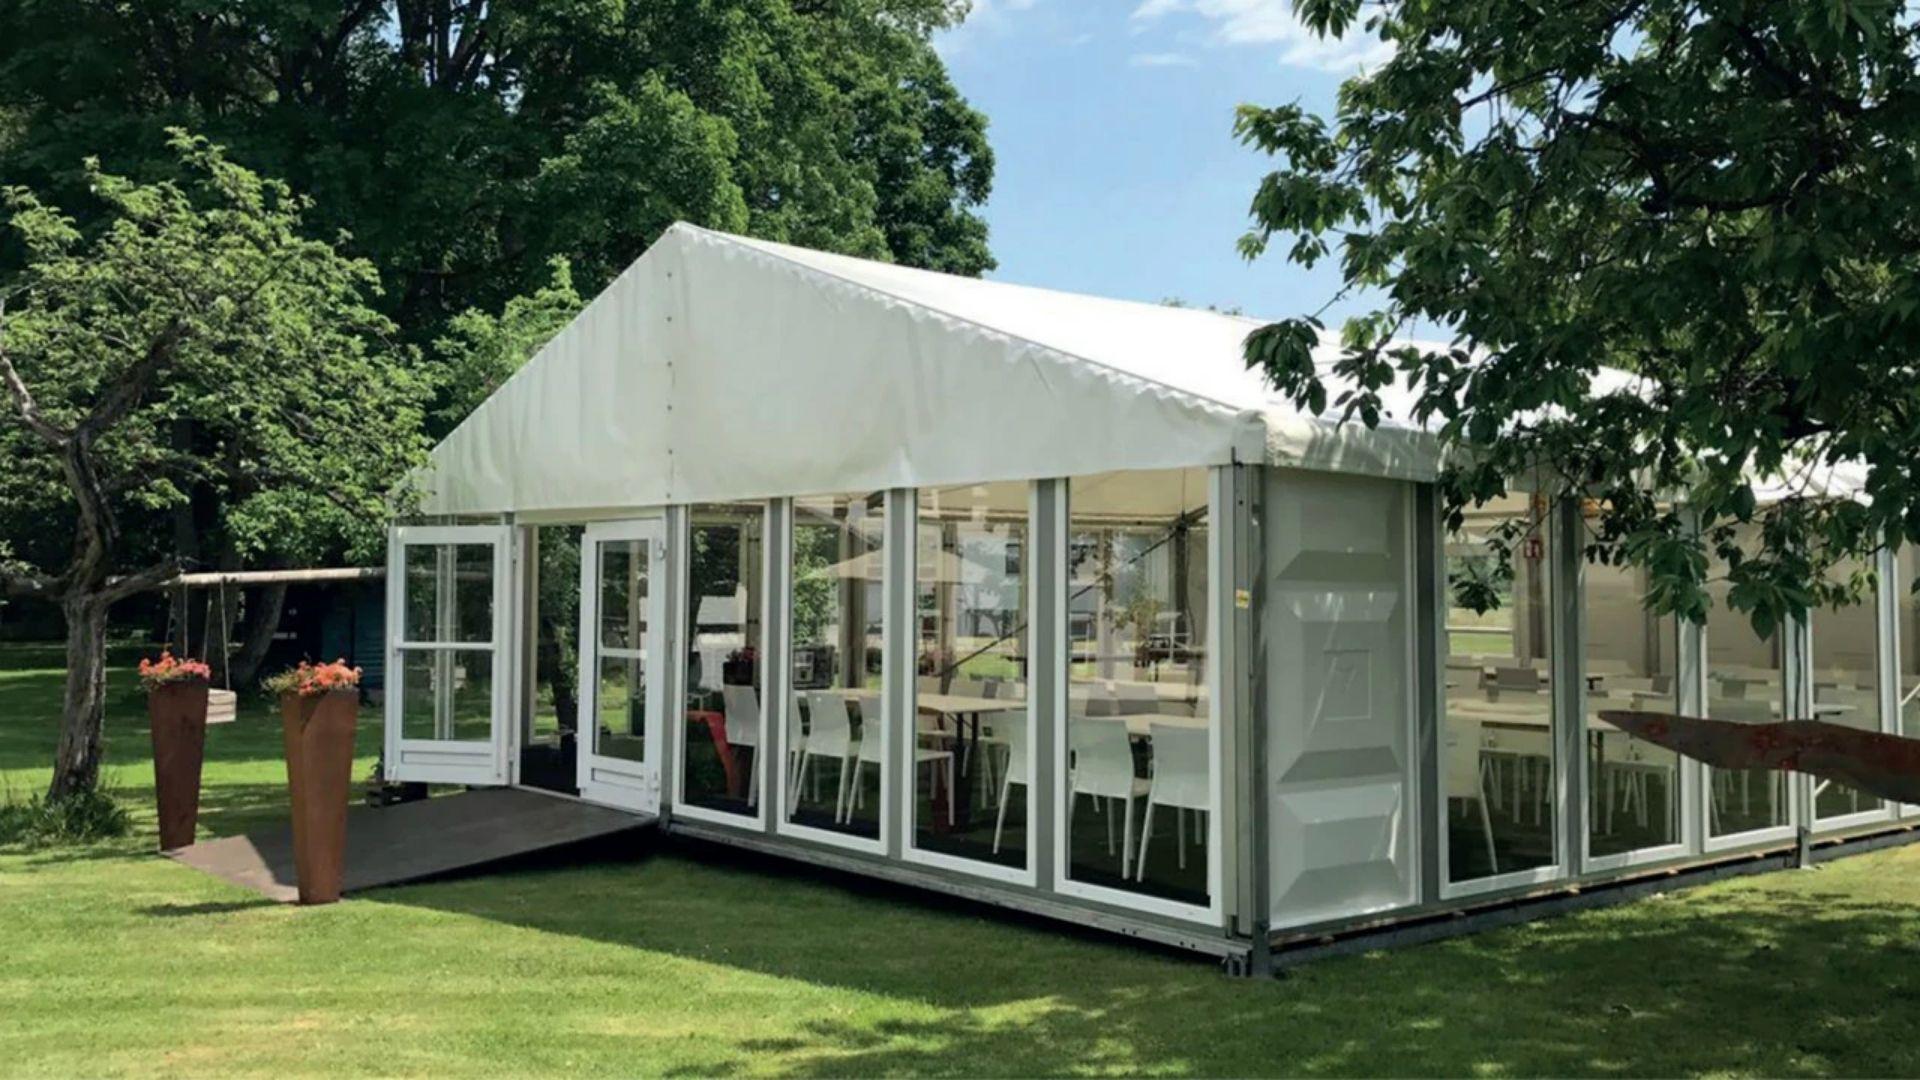 Zeltverleih Haan - Finden Sie das richtige Zelt für Ihr Event!